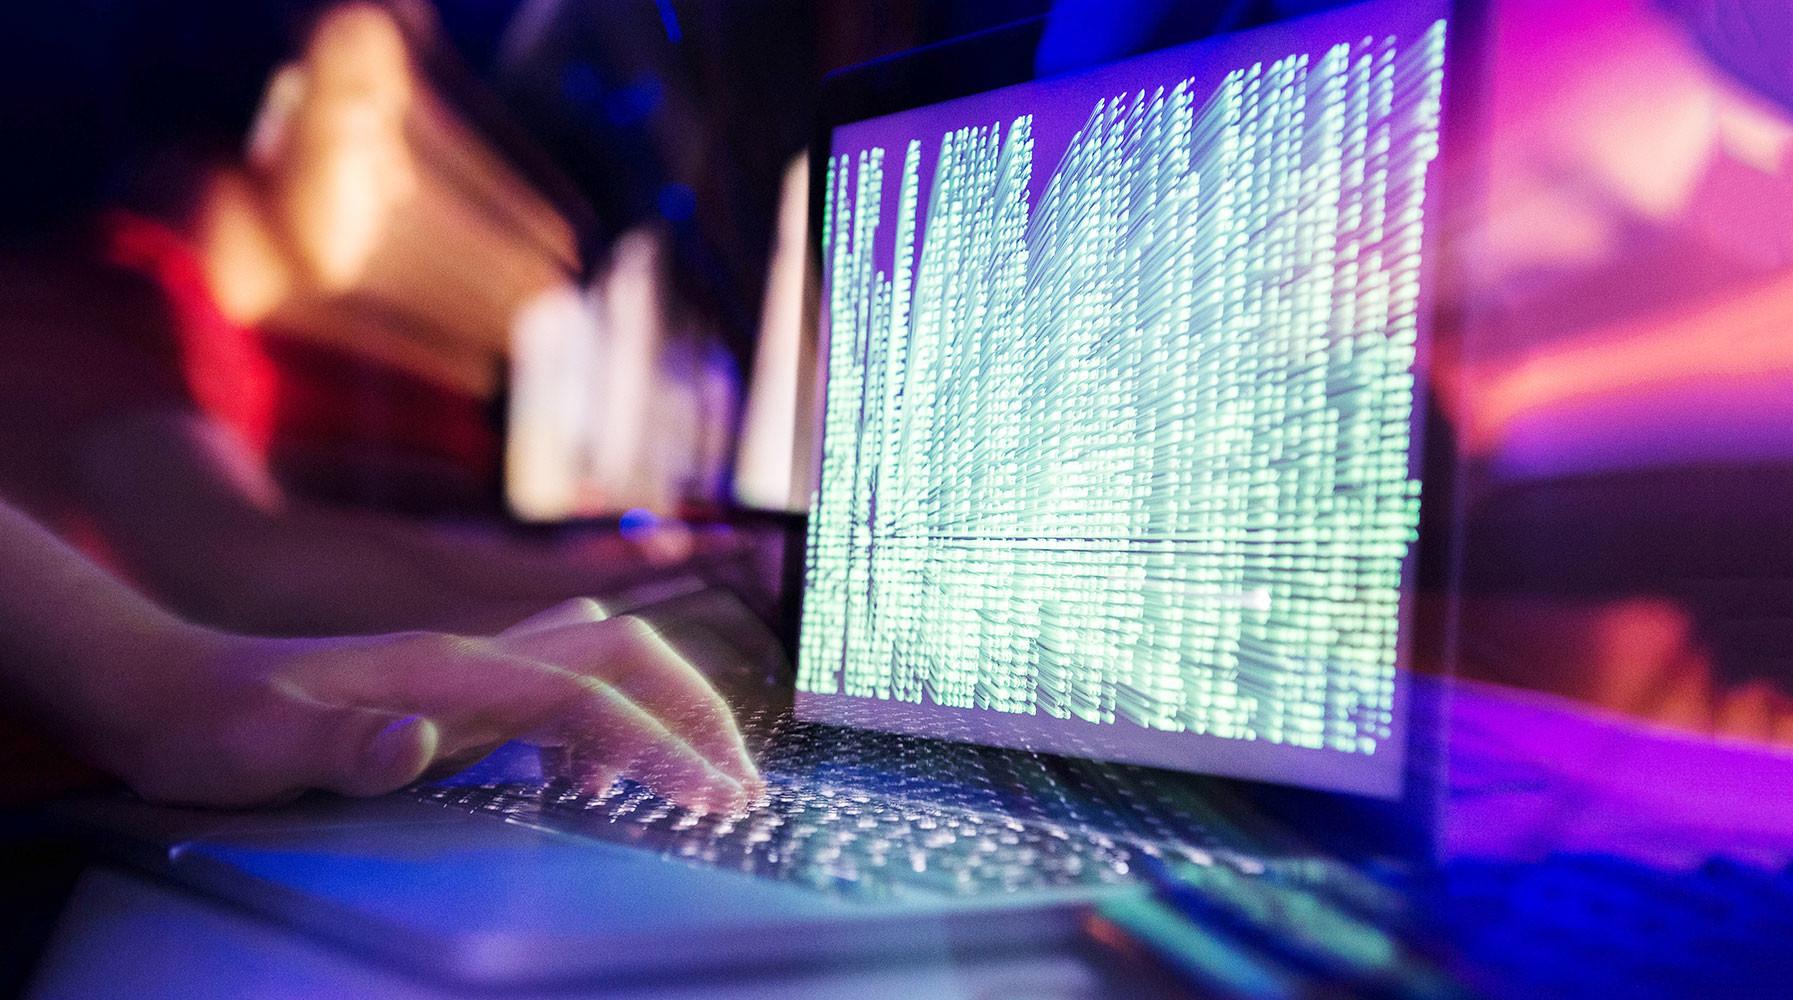 Эксперты по кибербезопасности предупредили о новых атаках Fancy Bears